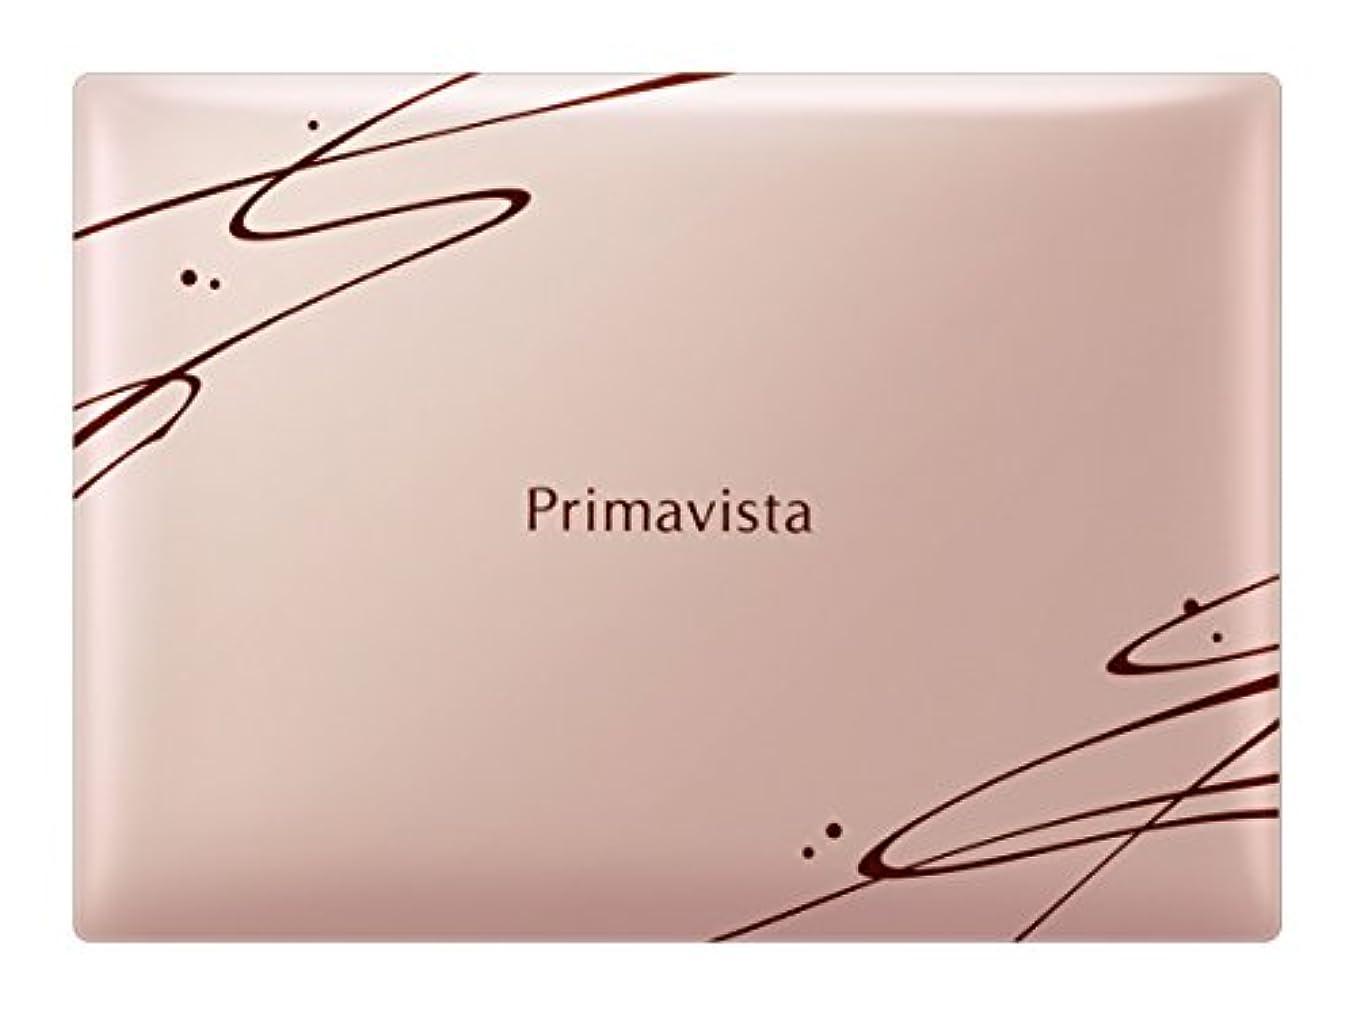 蜂コンセンサス進捗ソフィーナ プリマヴィスタ きれいな素肌質感パウダーファンデーション(オークル05)+限定デザインコンパクト